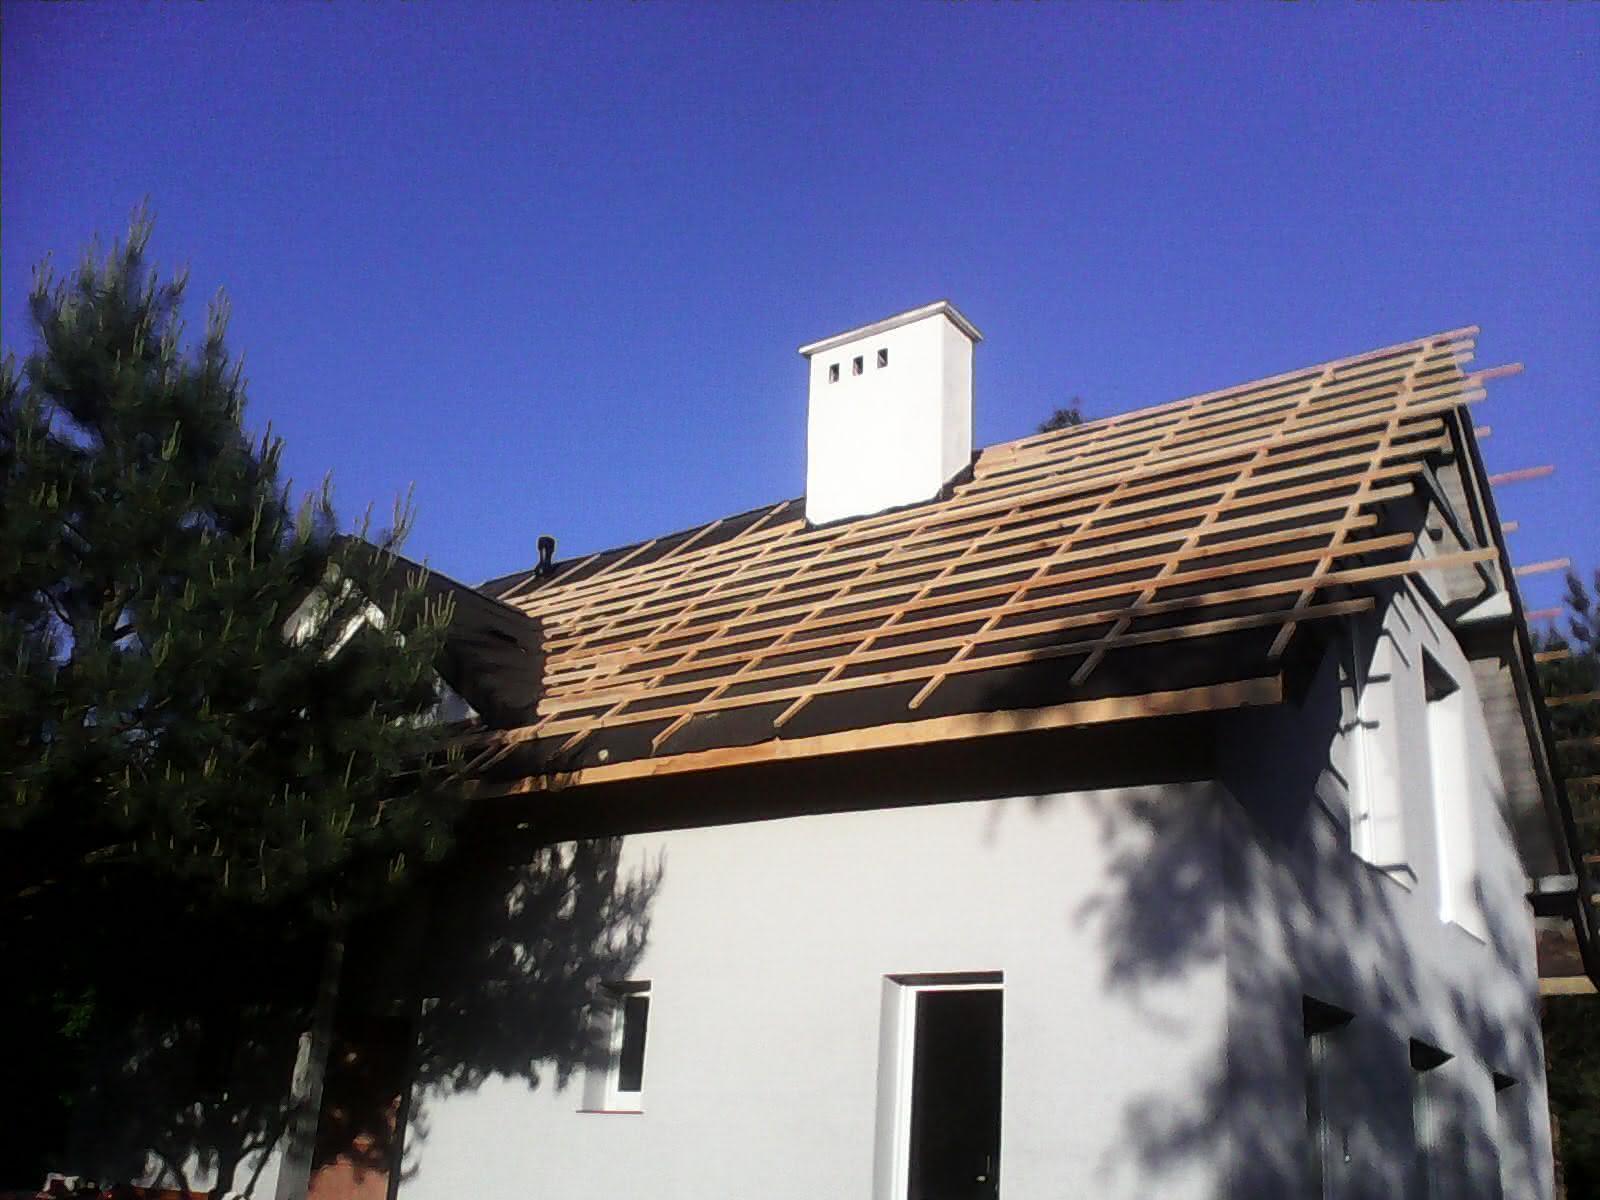 dach-lacenie04.jpg